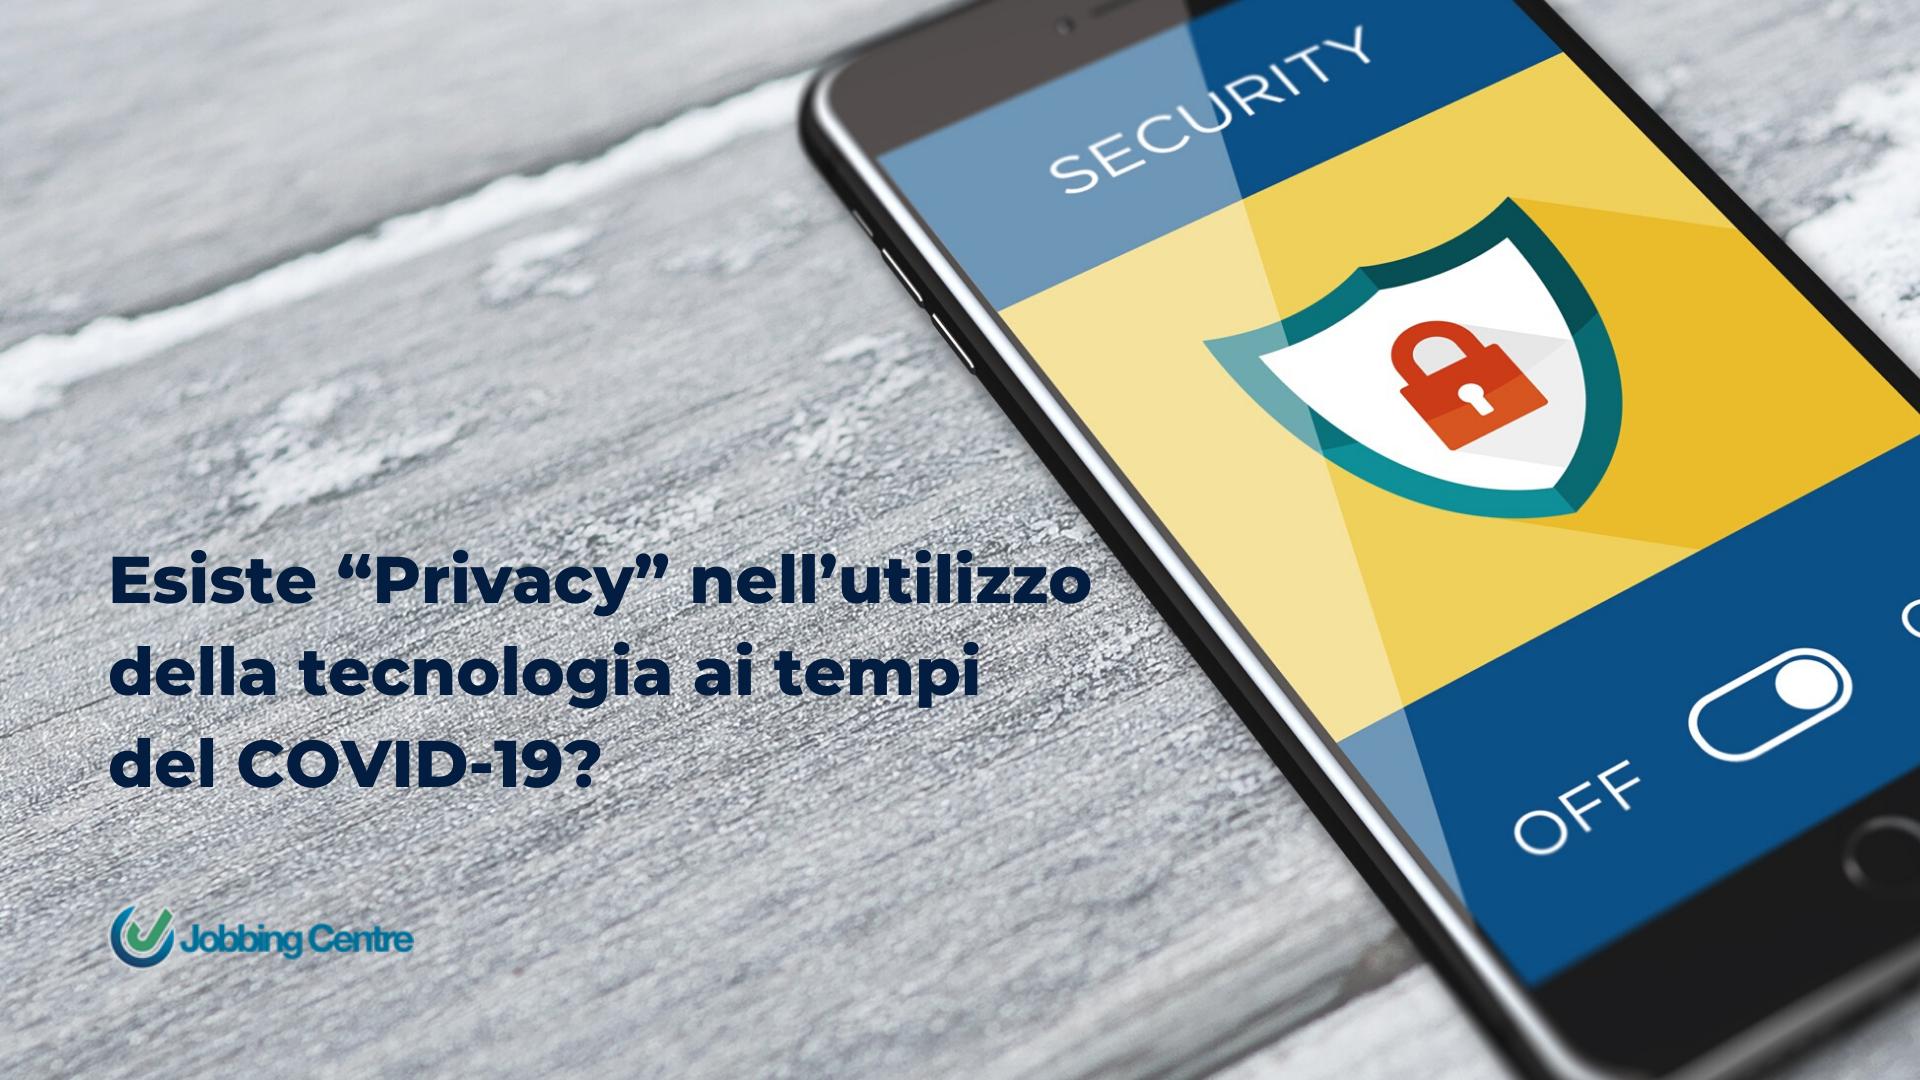 """Esiste """"Privacy"""" nell'utilizzo della tecnologia ai tempi del COVID-19?"""